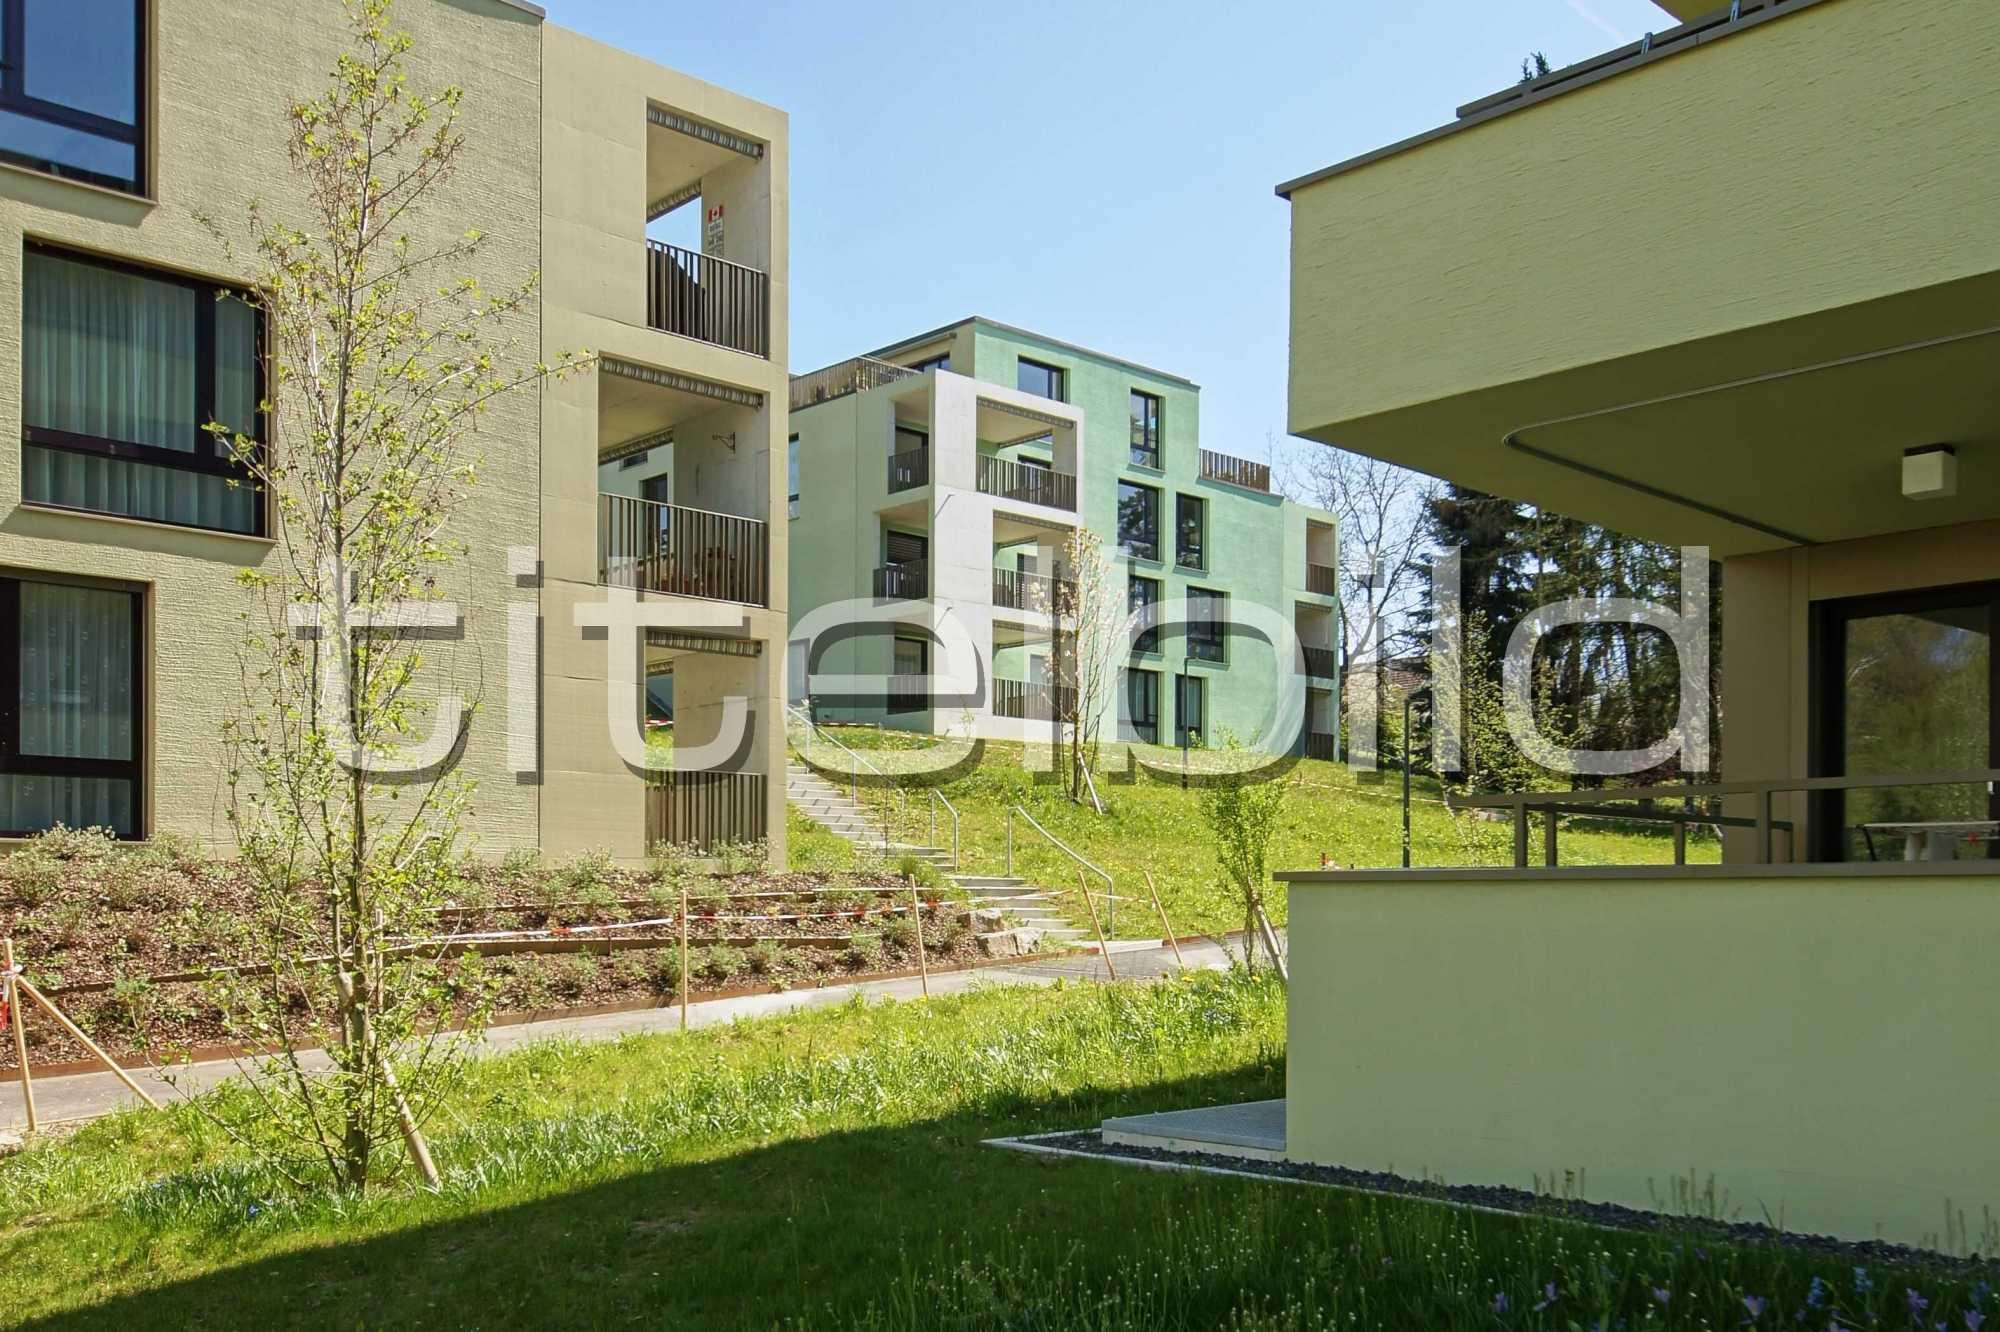 Projektbild-Nr. 0: Wohnüberbauung Tägelmoos